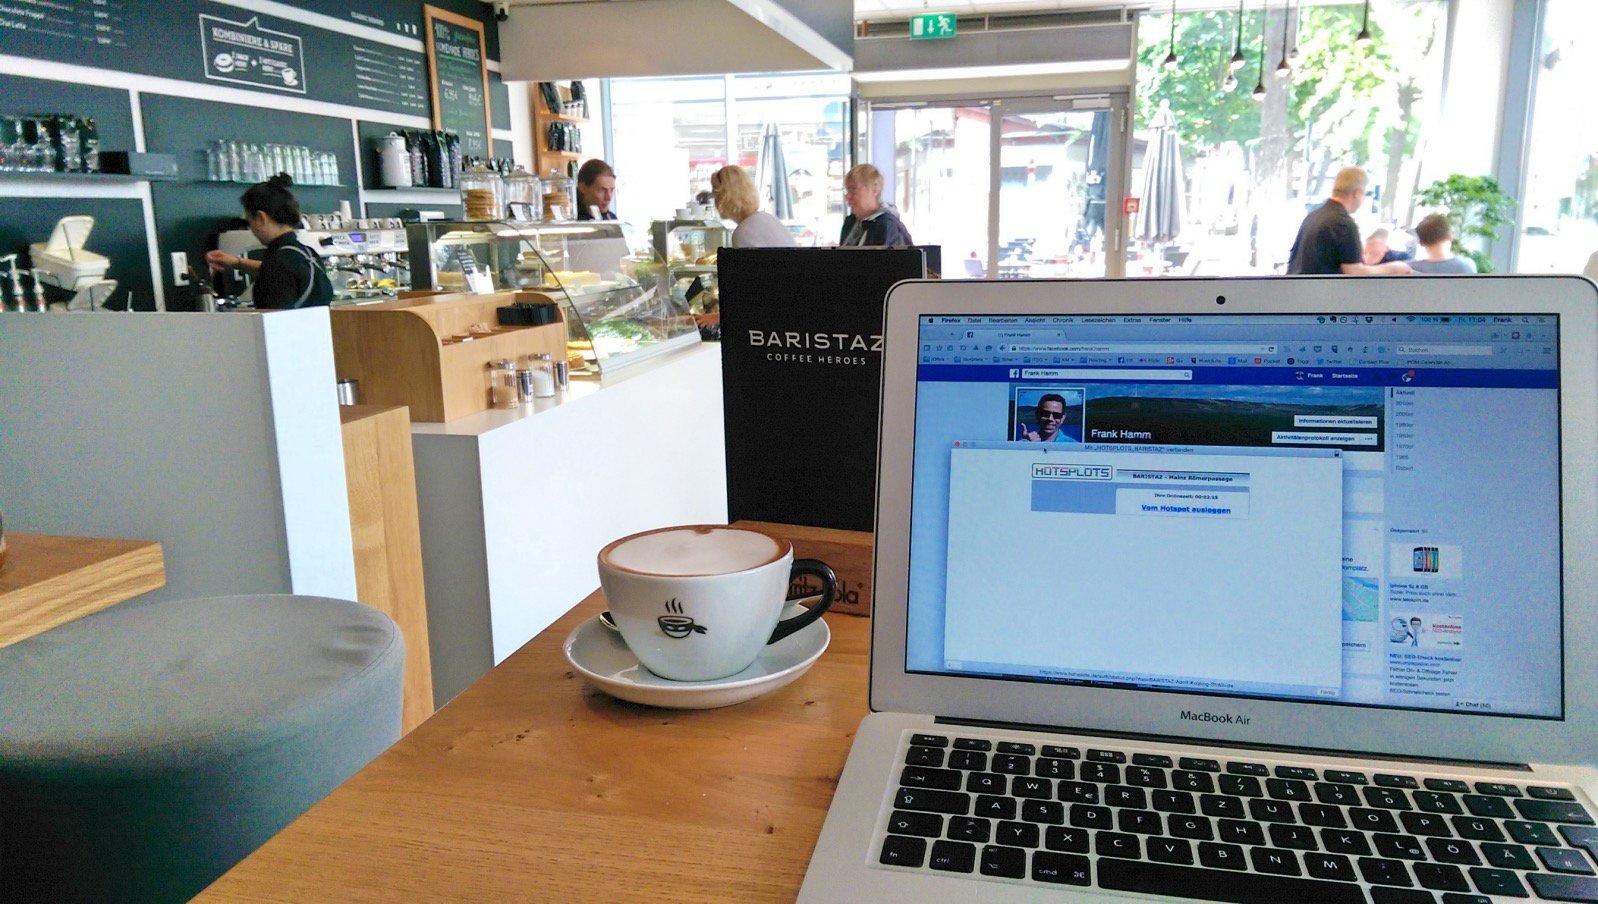 Wissensarbeit im Baristaz in Mainz